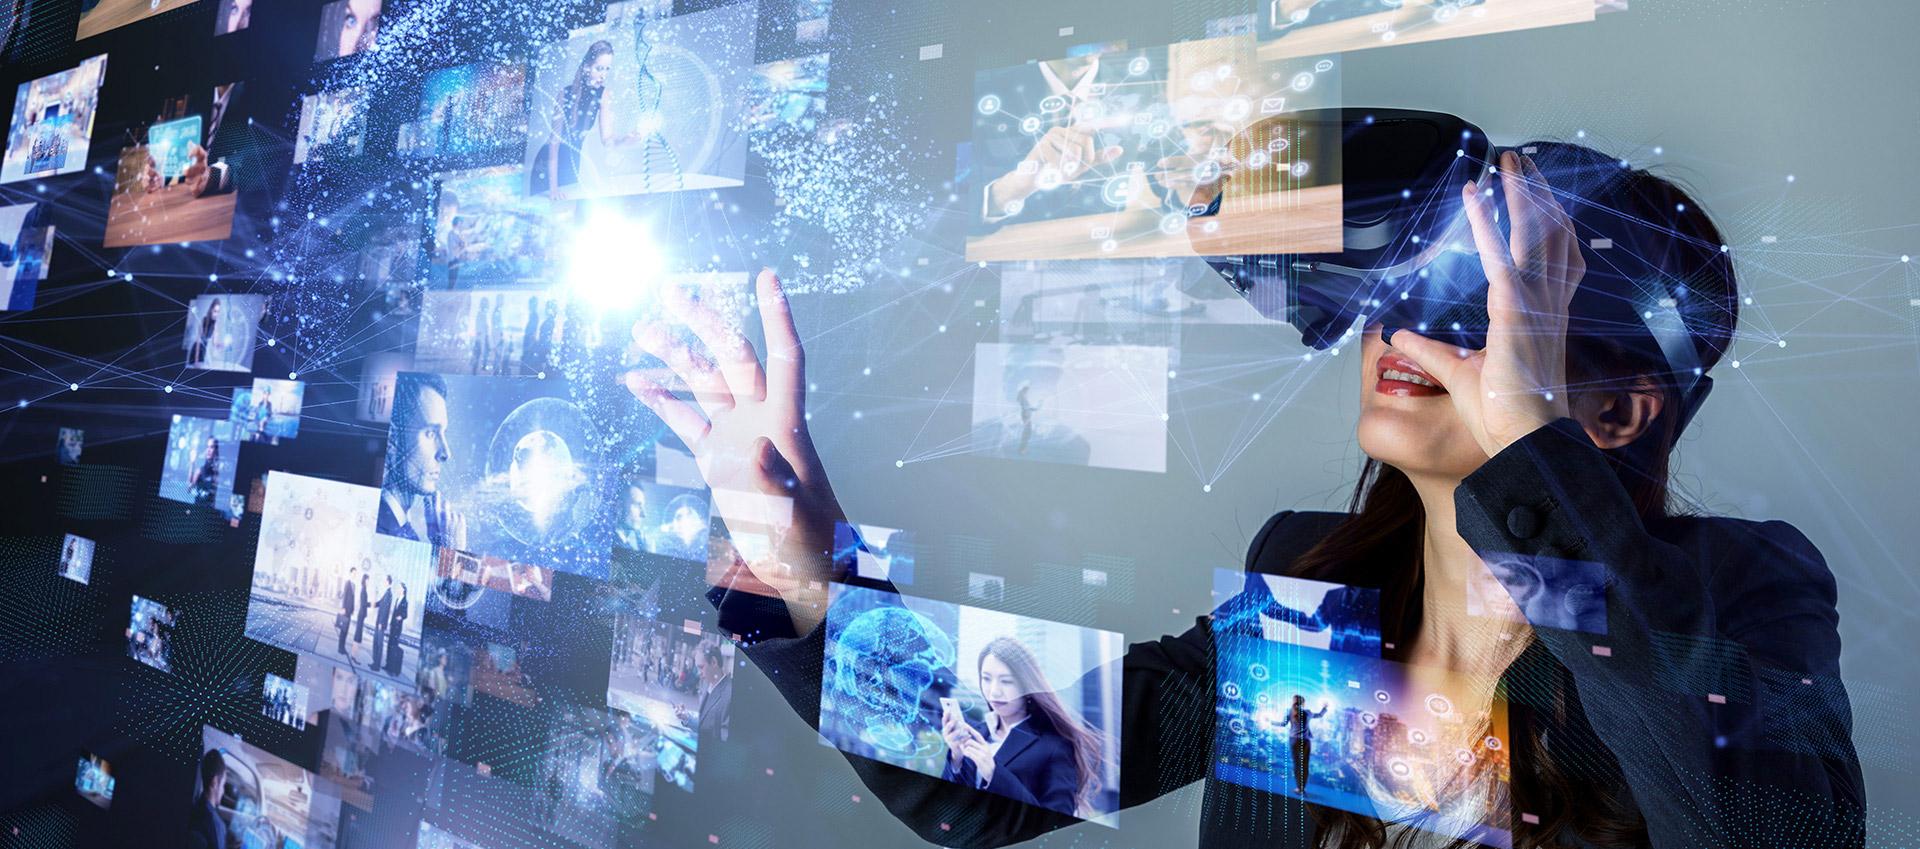 Fiere virtuali: il punto di vista del consulente linguistico